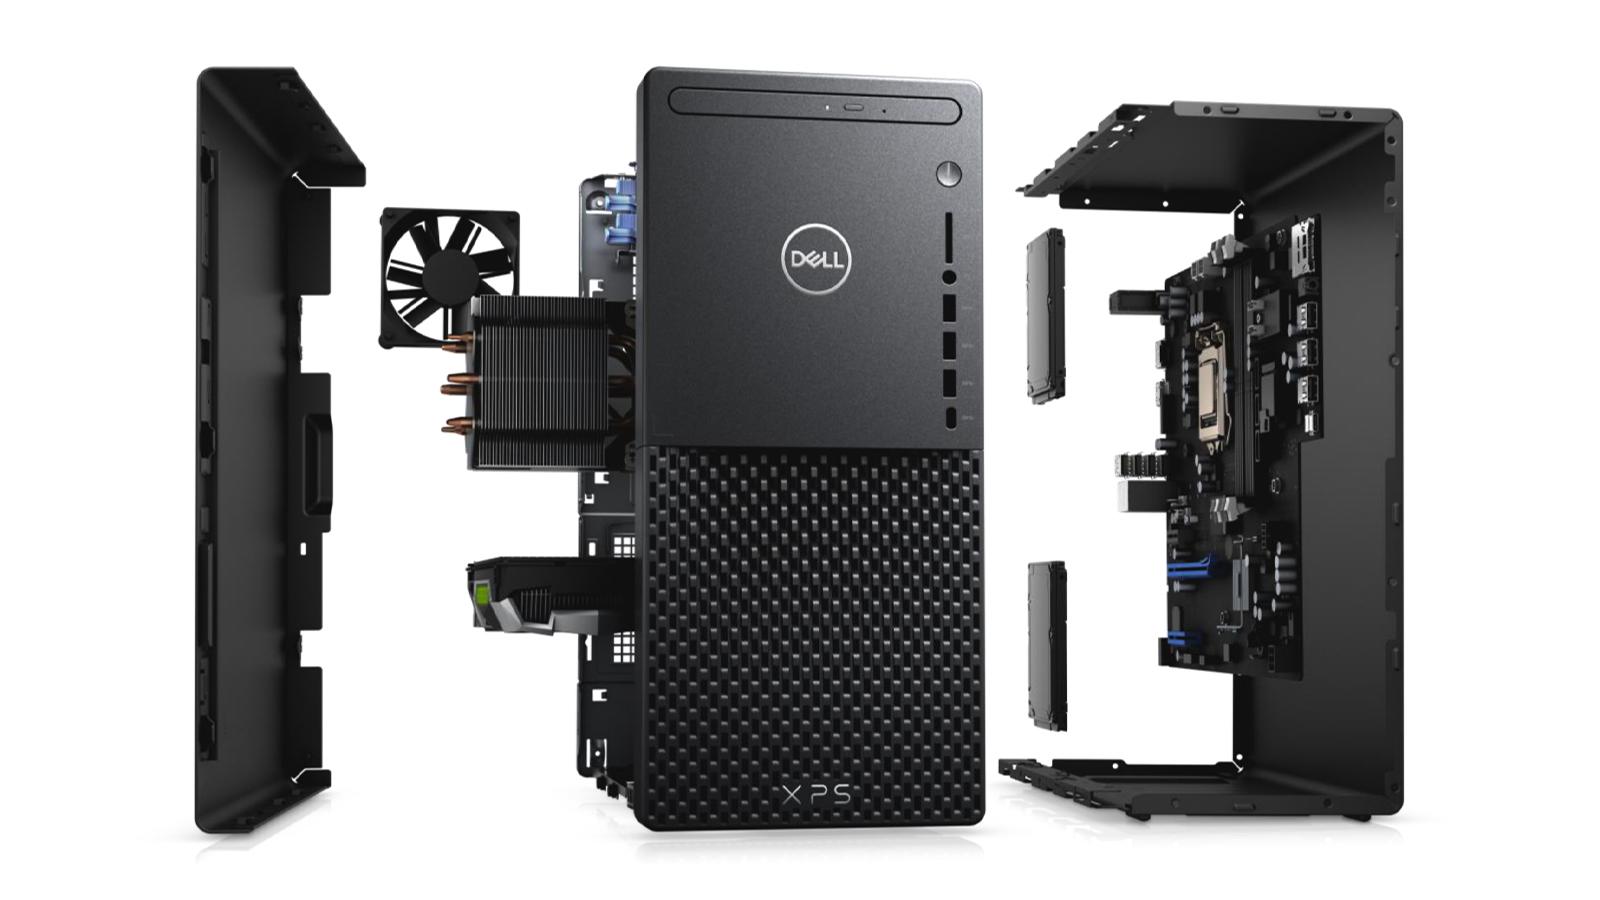 Dell's Latest Desktops